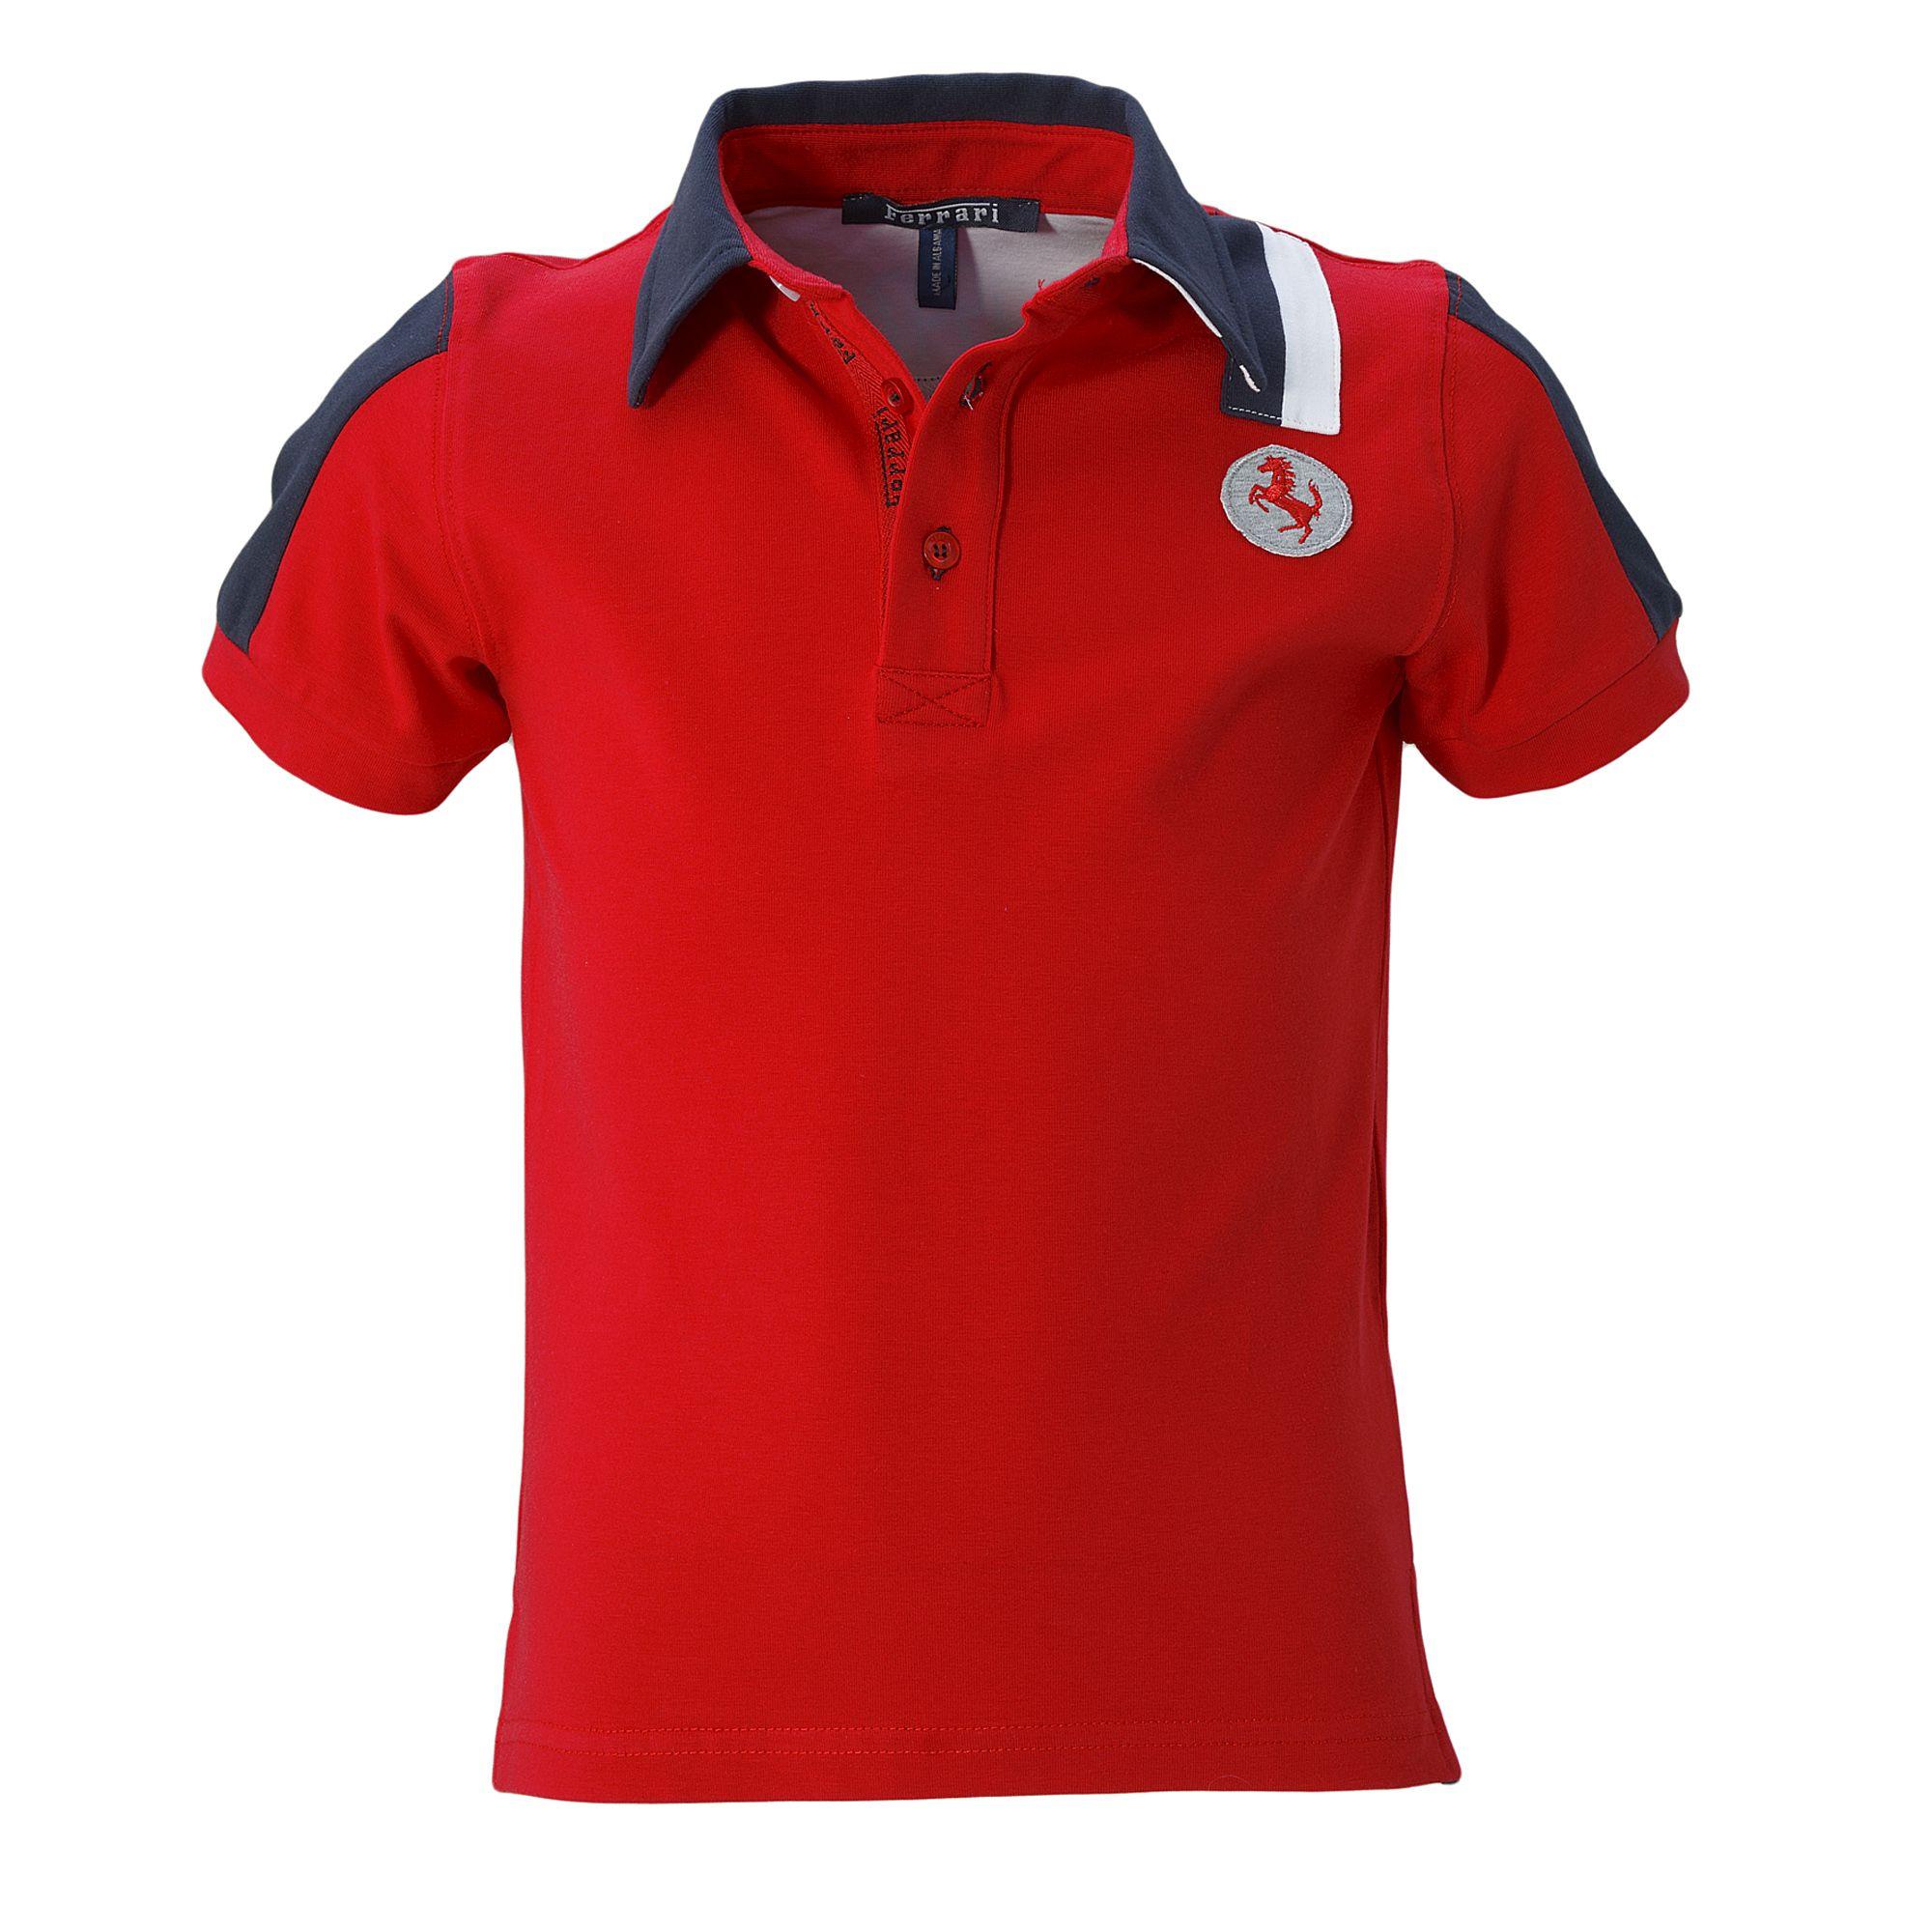 jomo shirts shirt domo black t benz tshirt product jdm mk mercedes